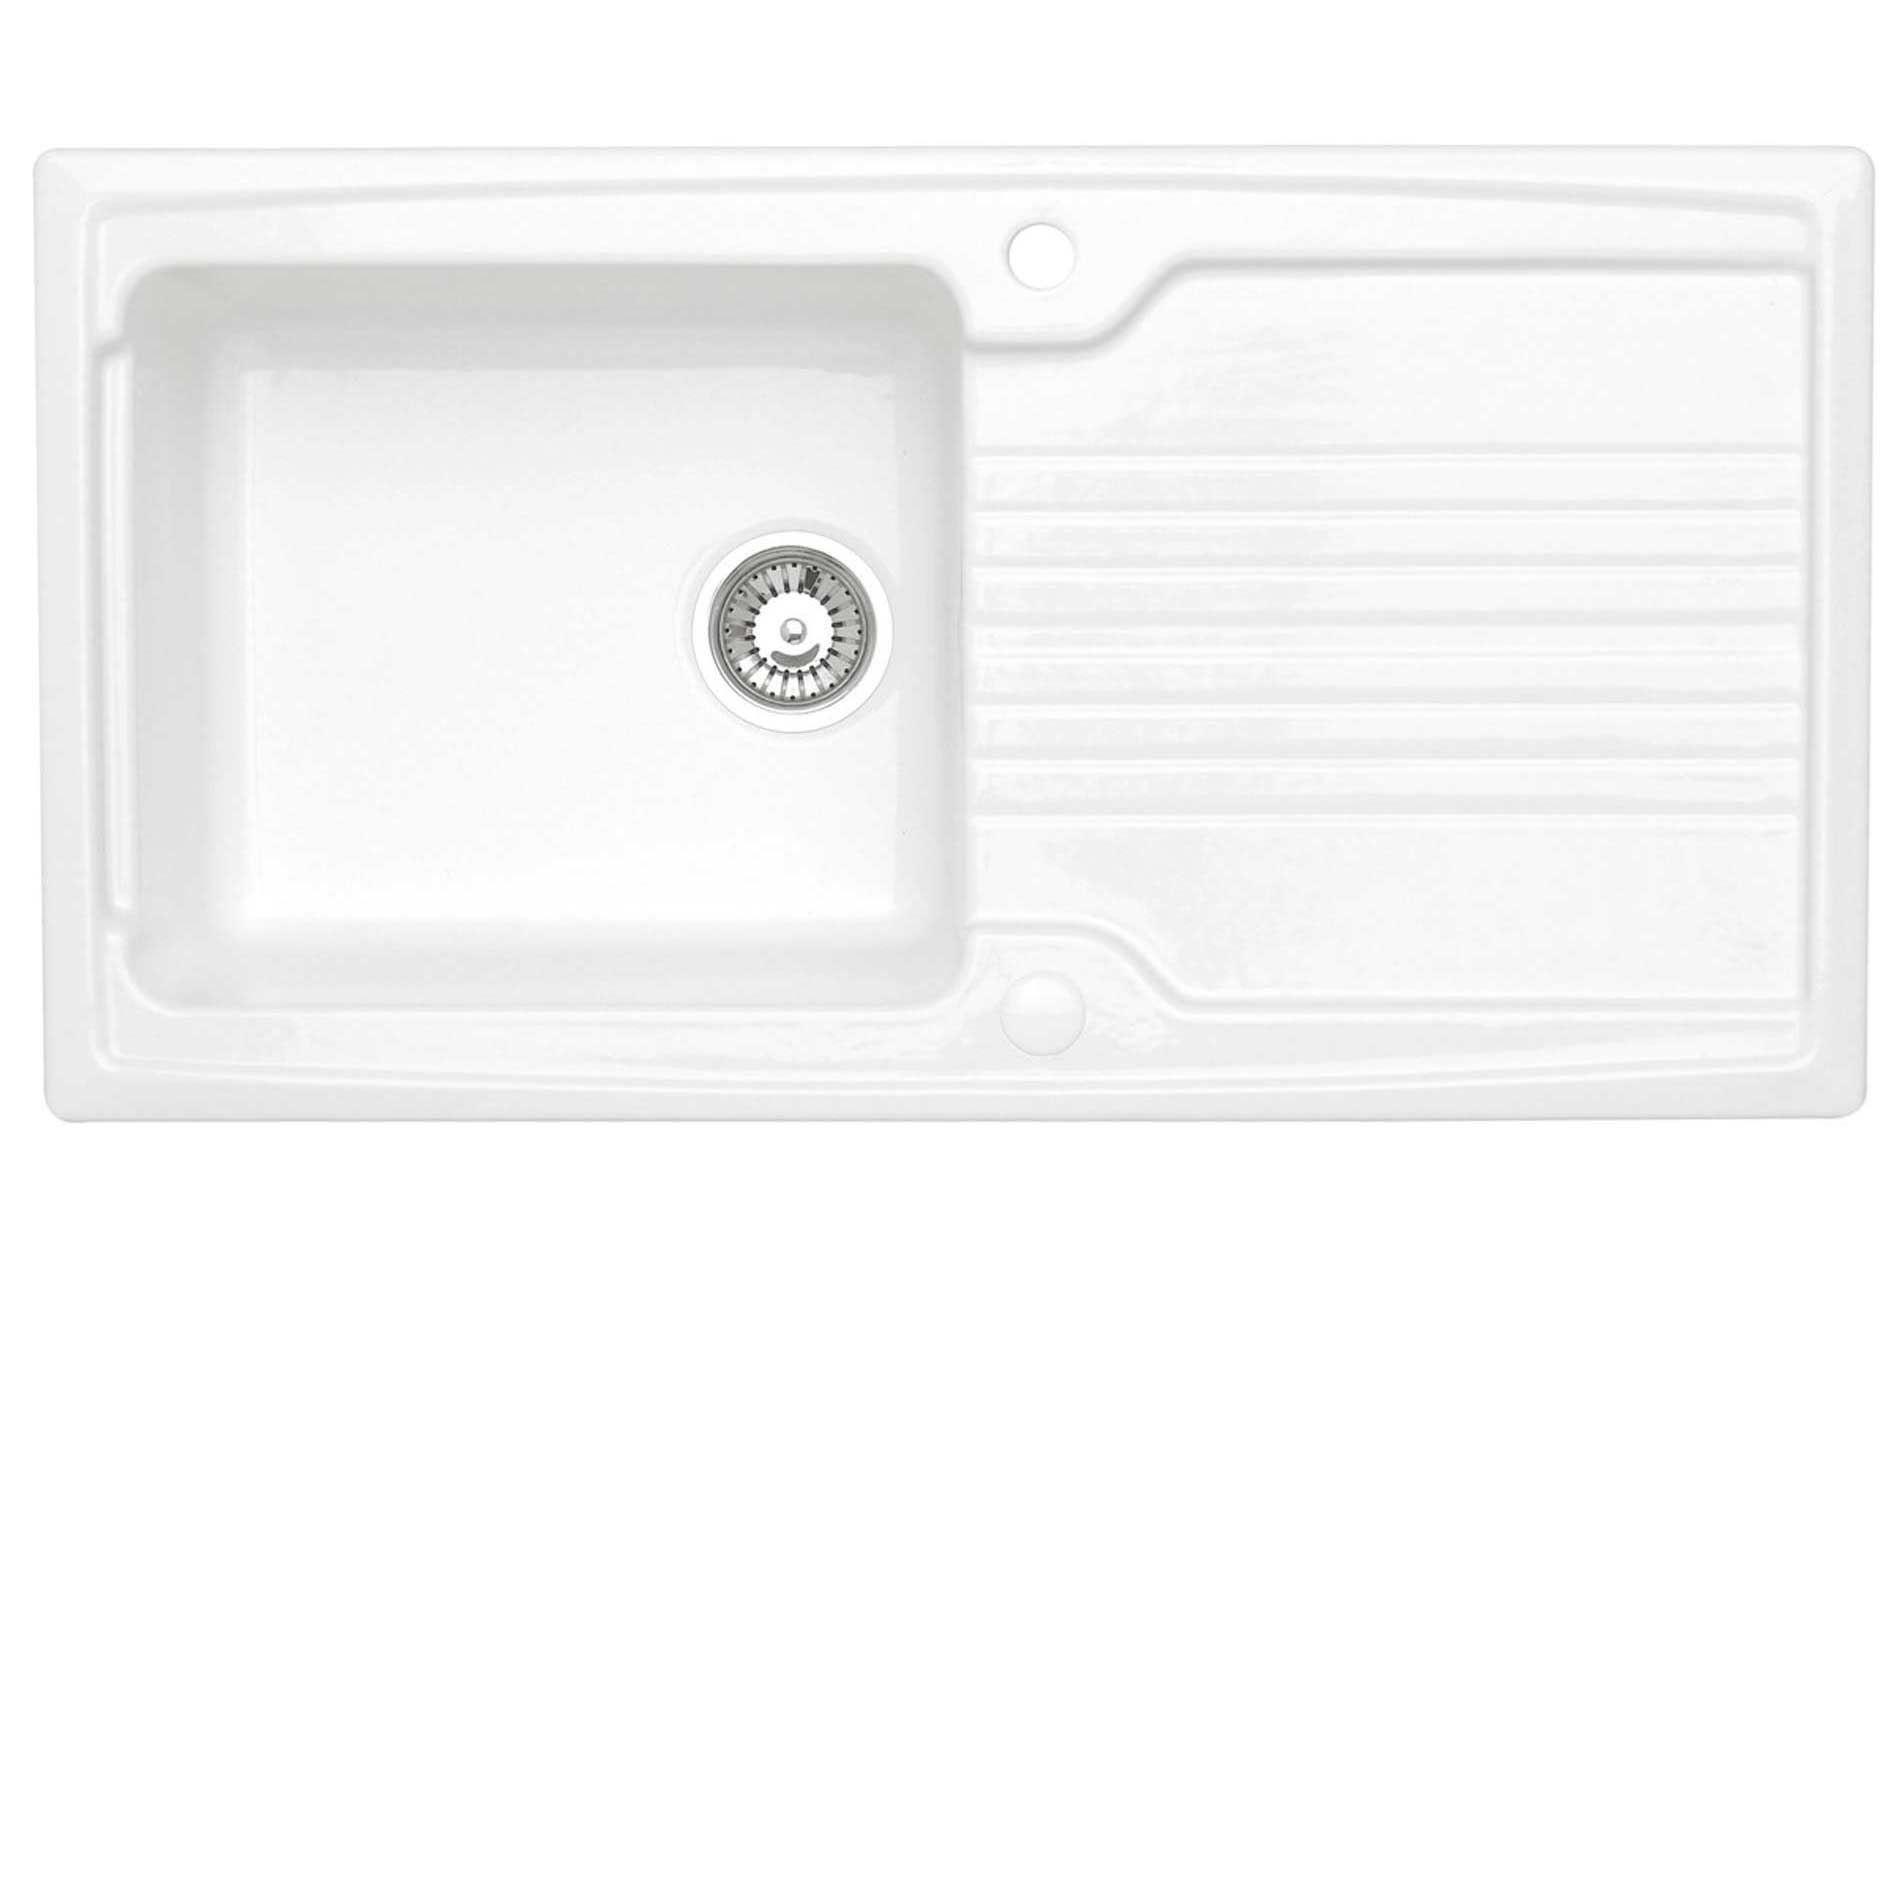 astracast equinox 1 0 white ceramic sink kitchen sinks taps - White Kitchen Sink Taps